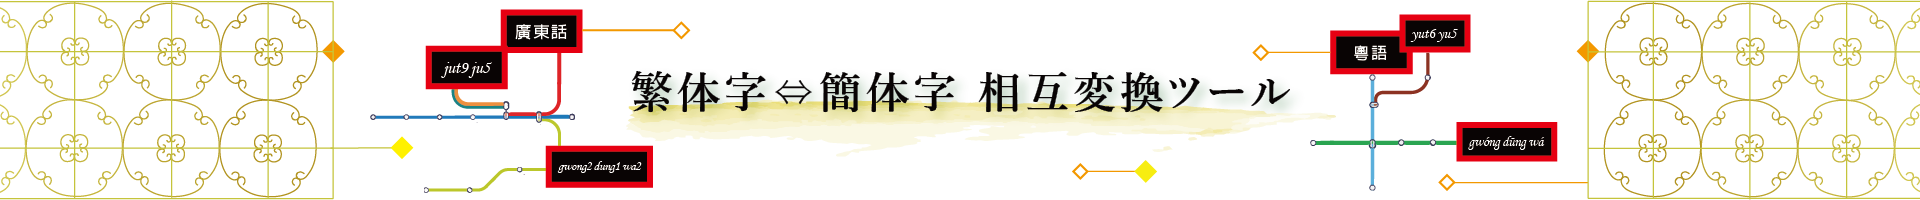 繁体字⇔簡体字 相互変換ツール